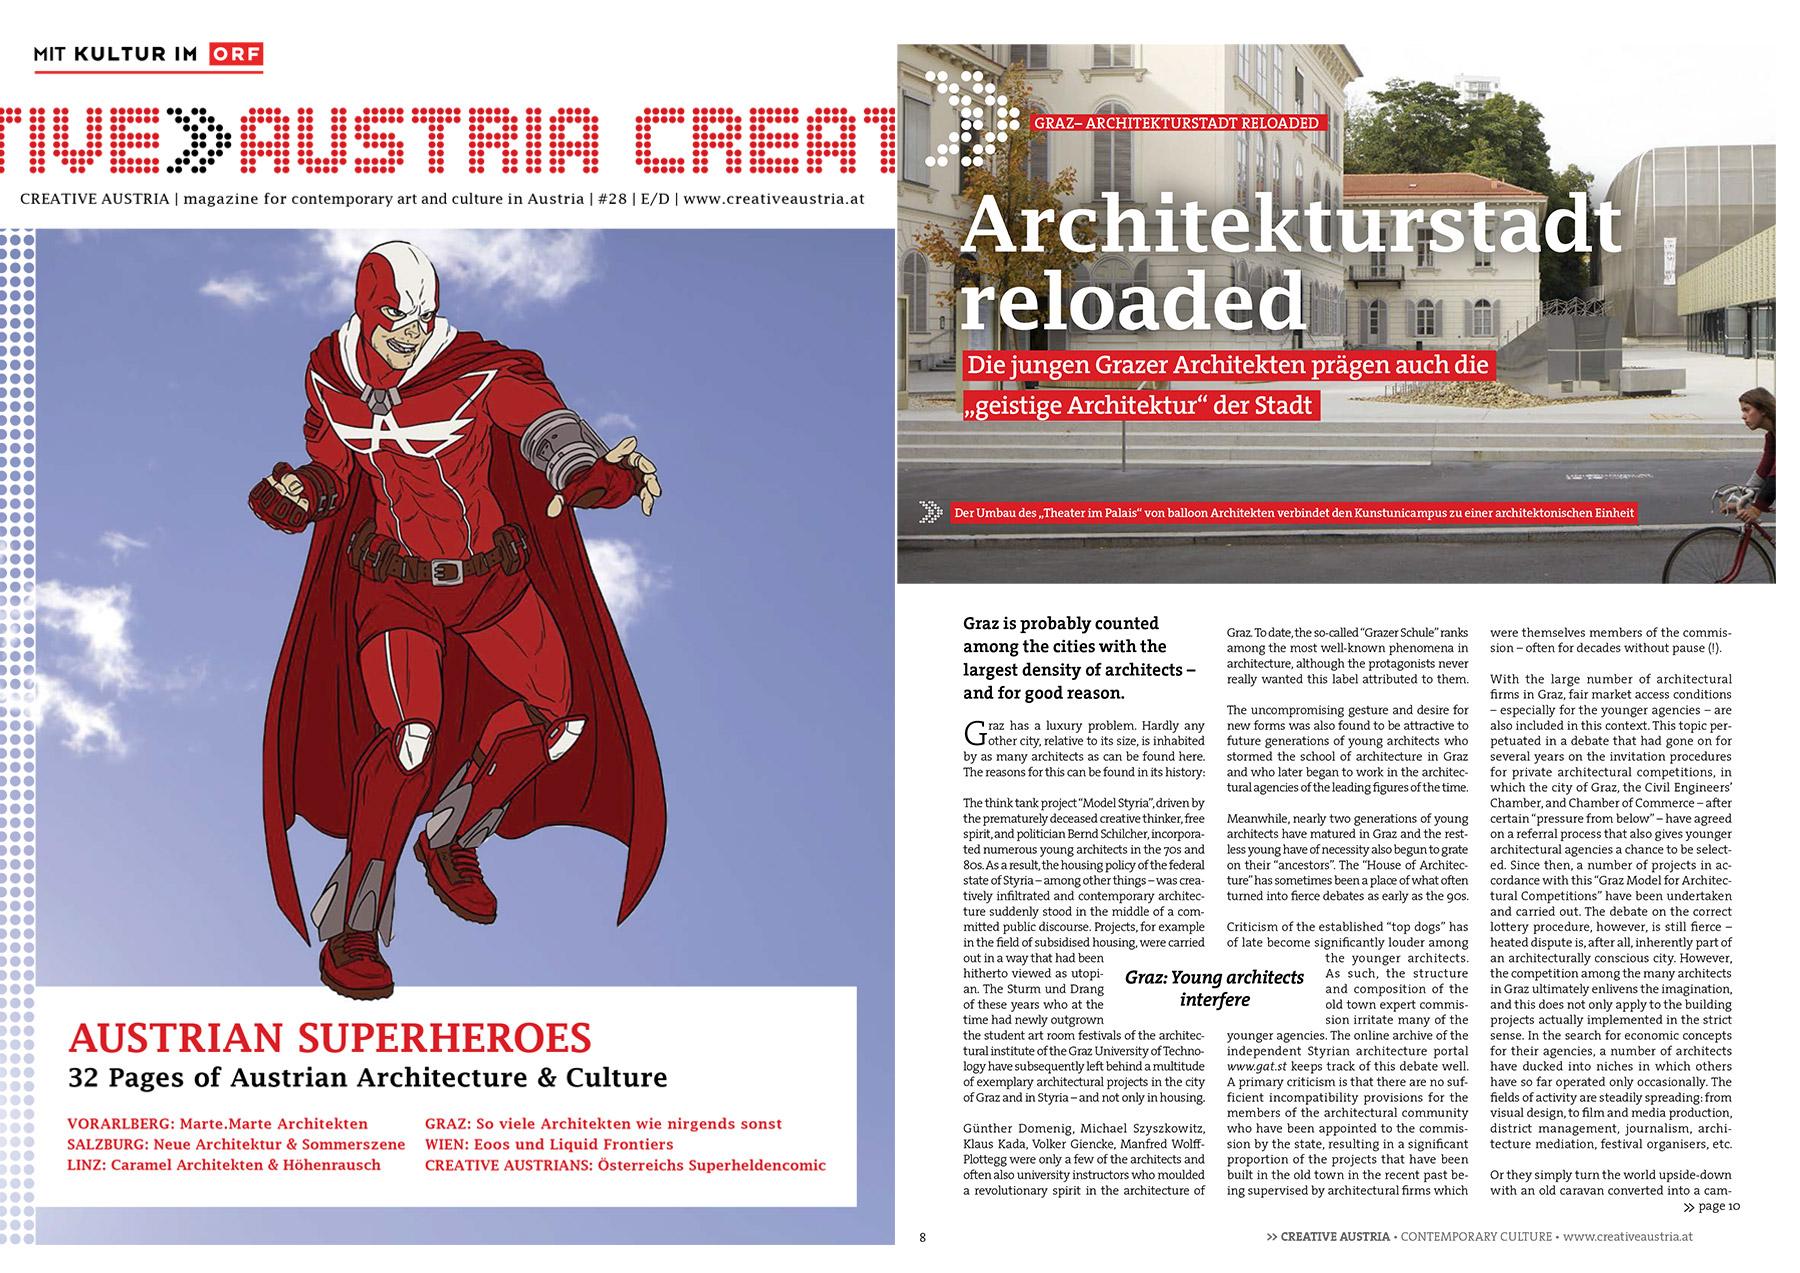 2016_news_Austria Superheroes_magazine_slide_01